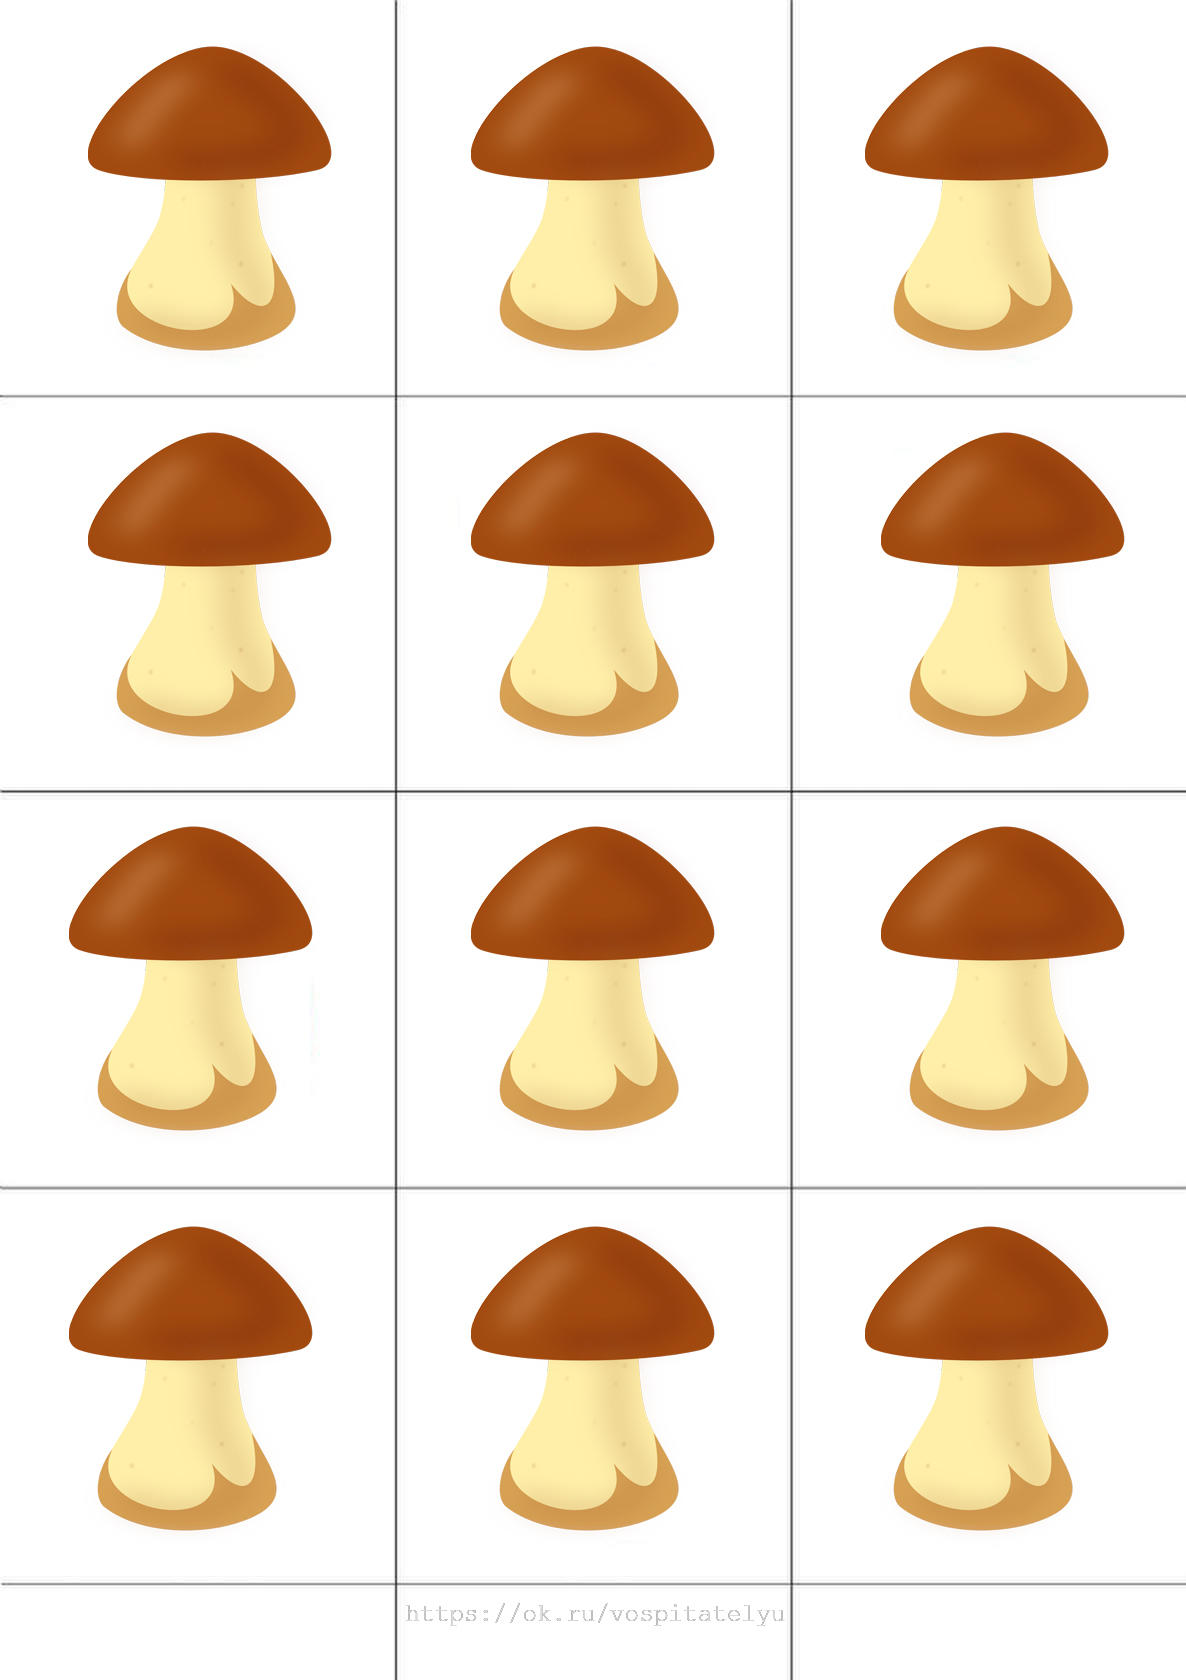 грибы картинки счетный материал салатов